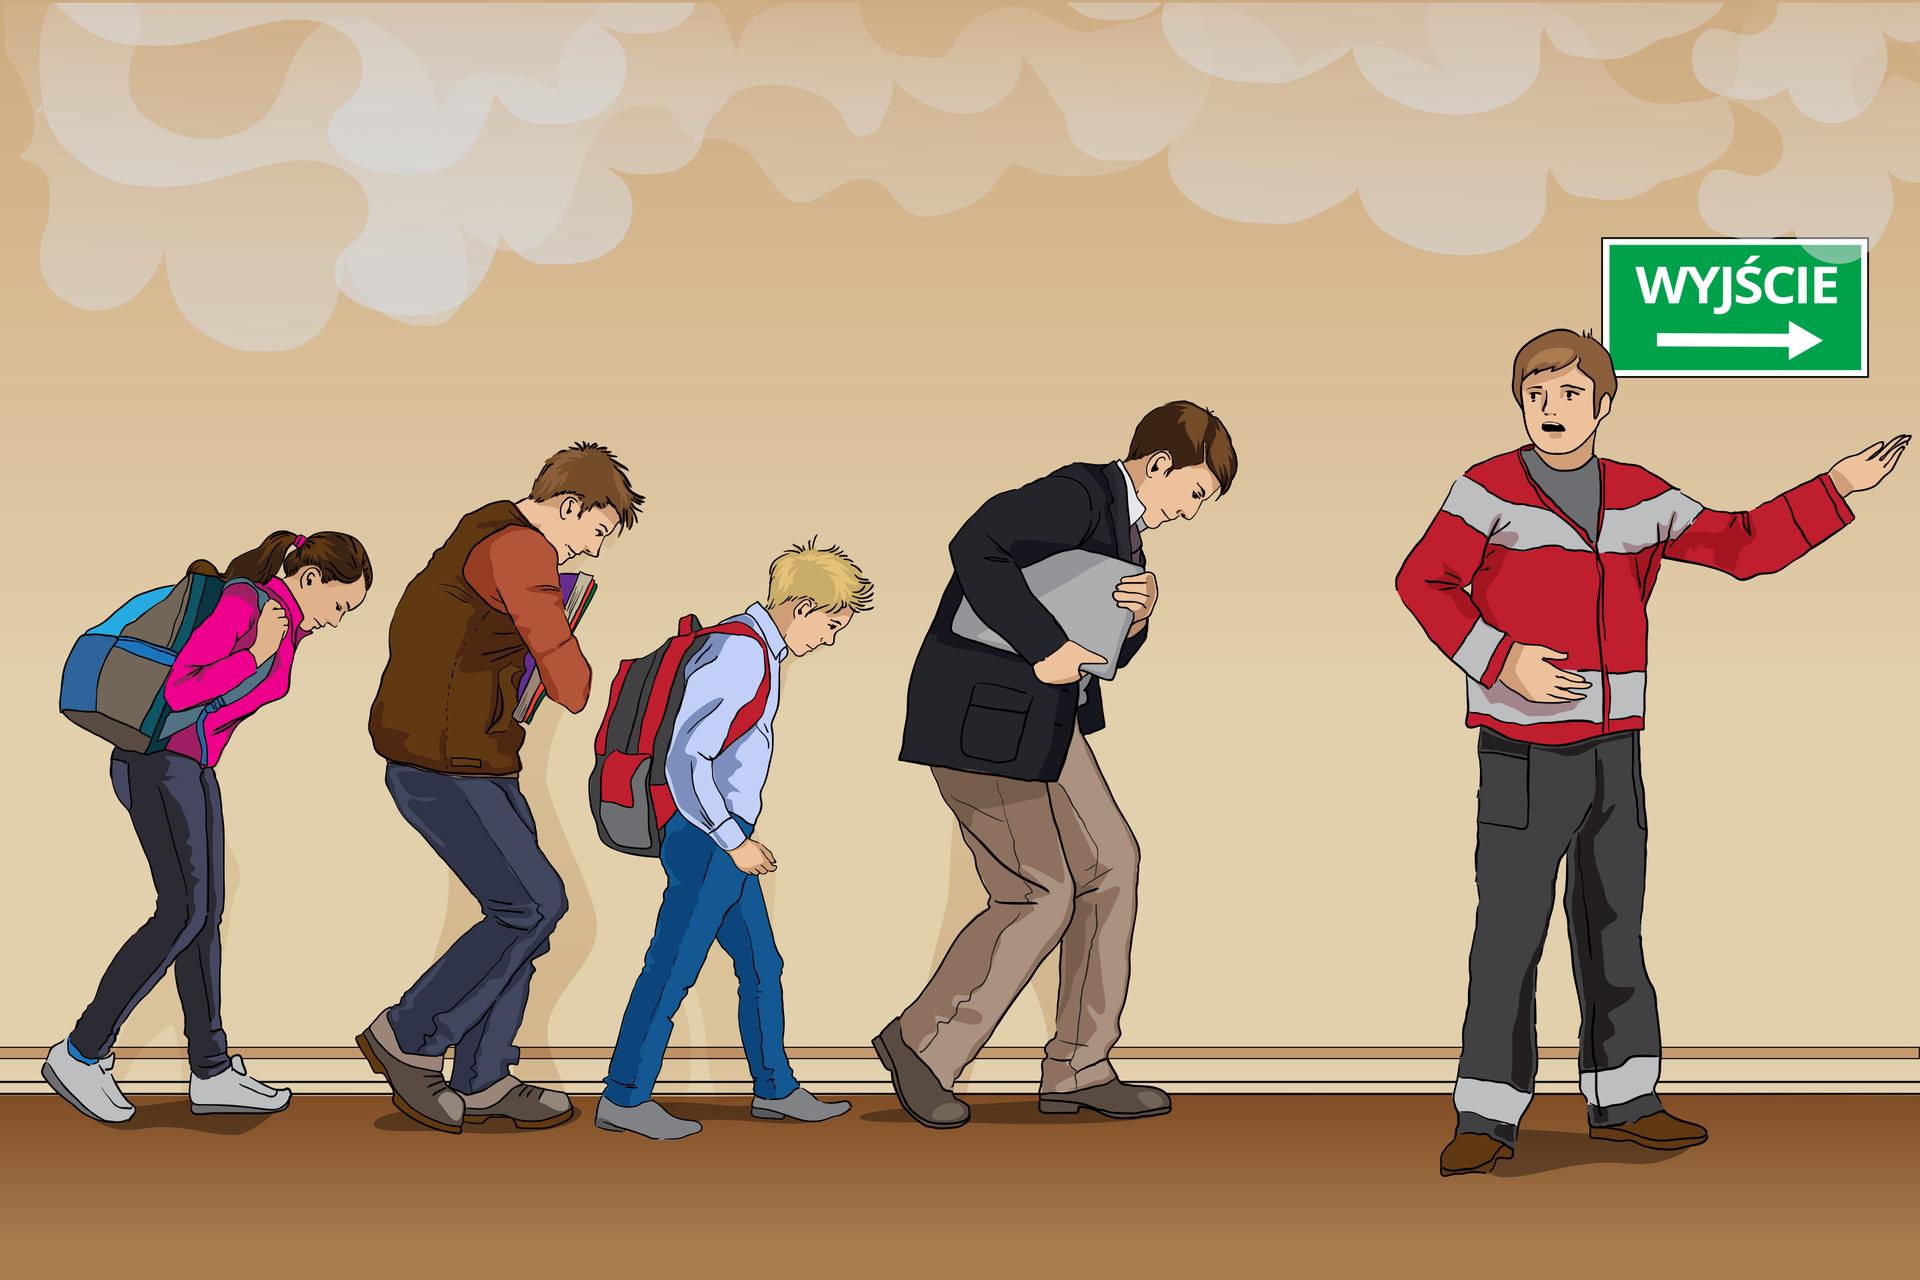 Osoba koordynująca ewakuację wpobliżu wyjścia, co wskazuje tabliczka ztakim właśnie napisem, woła grupę uczniów znauczycielem iwskazuje im kierunek, wktórym powinni się udać.